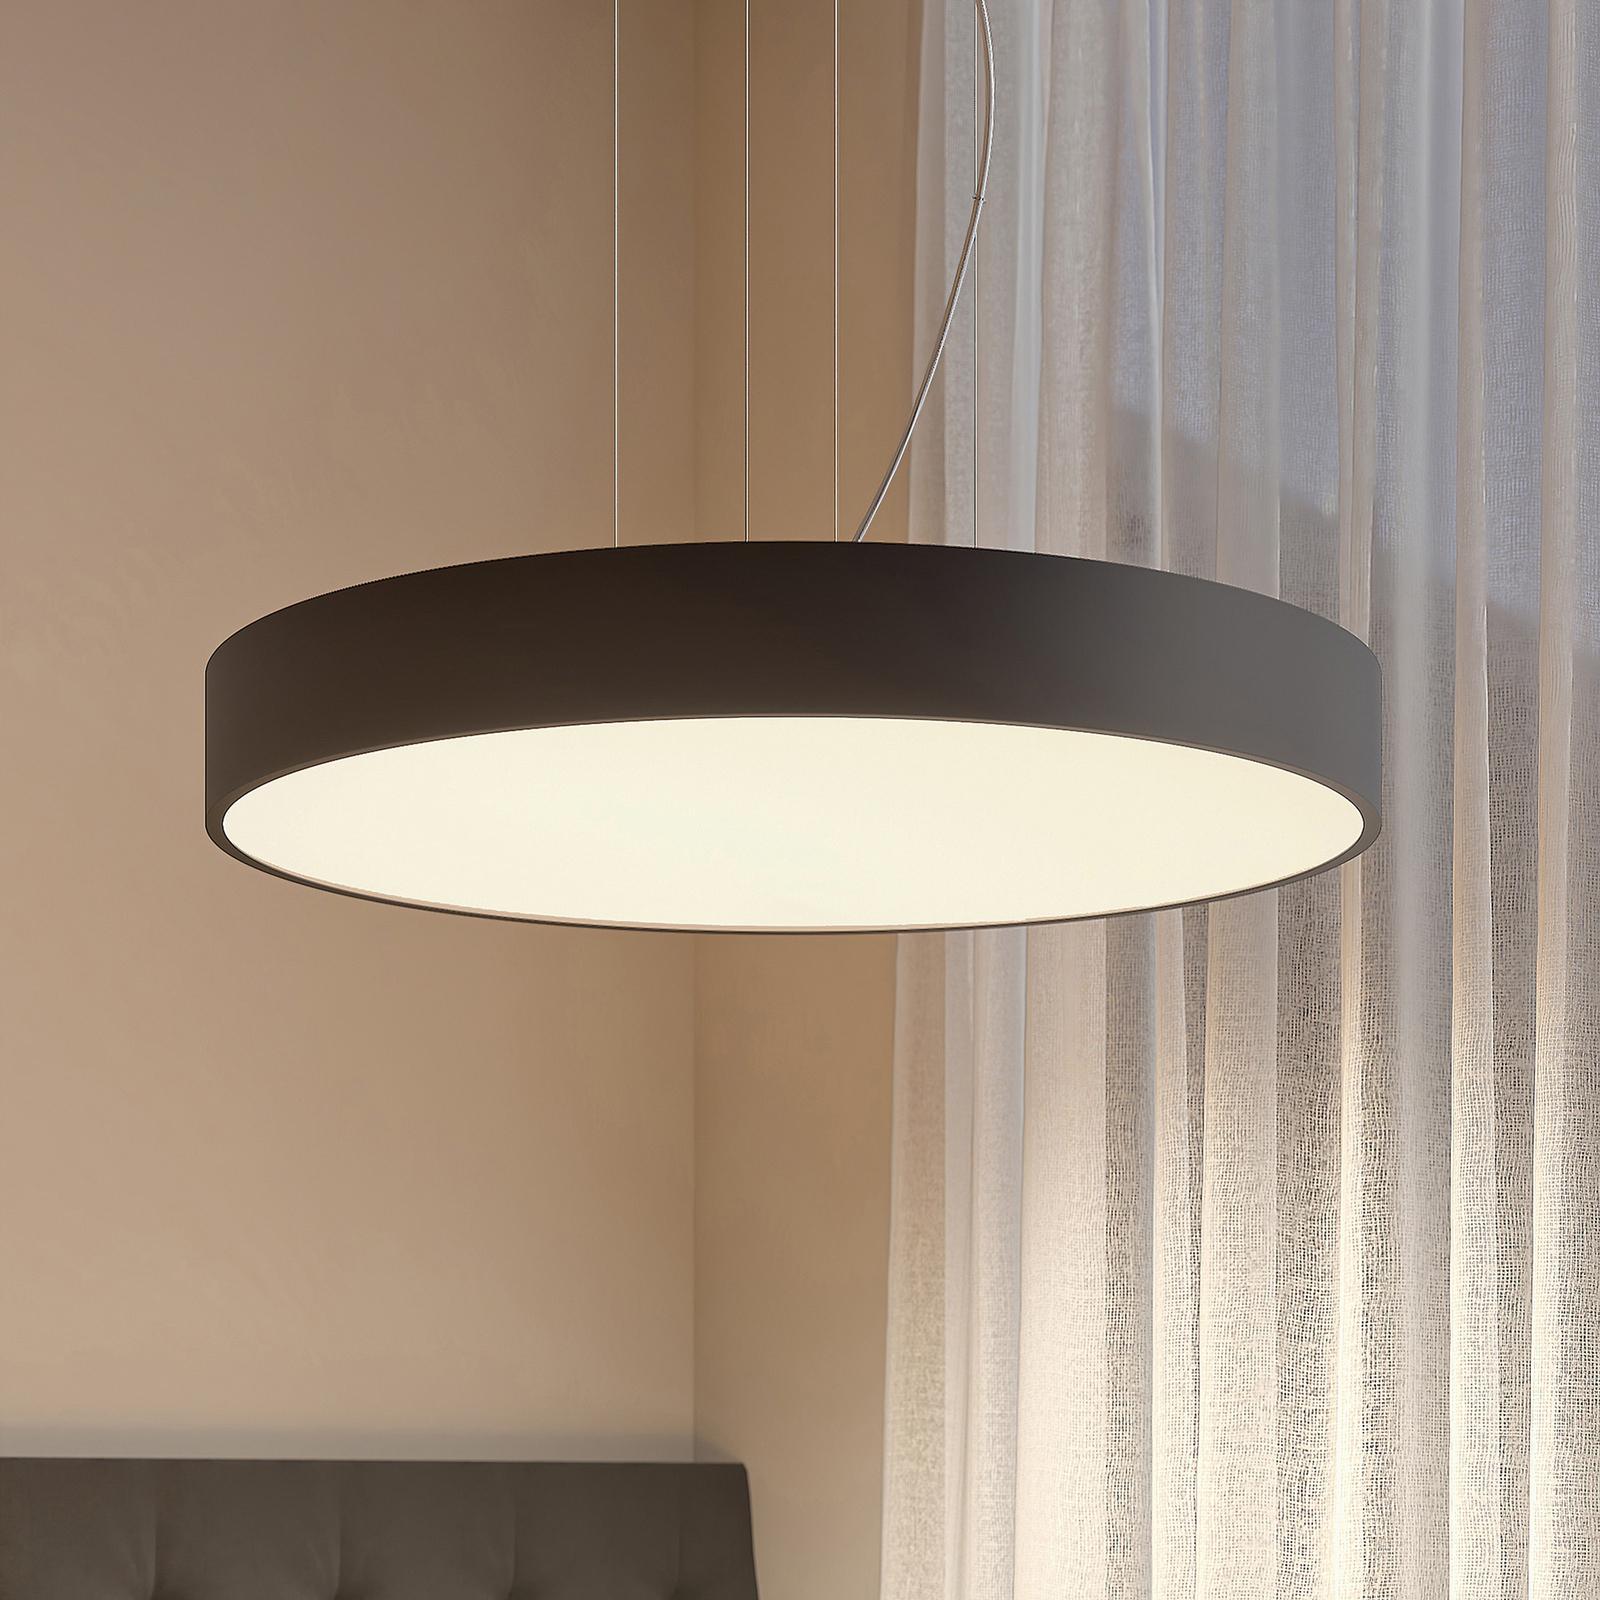 Arcchio Noabelle LED-Hängelampe, schwarz, 80 cm